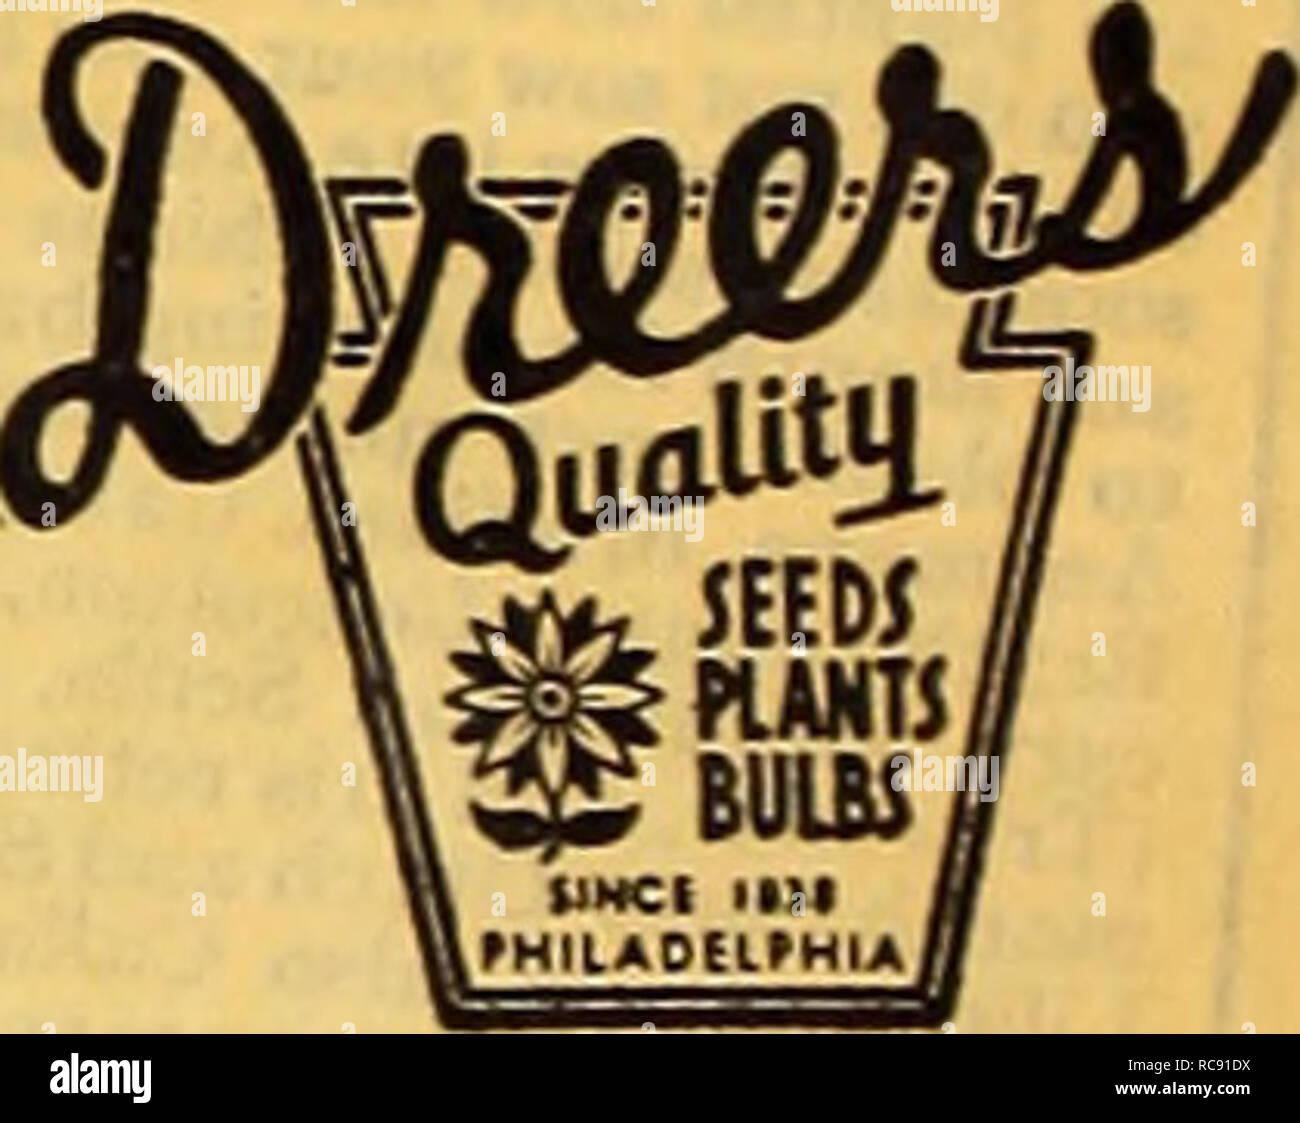 Gemeinsame Dreer ist Herbst einpflanzen Leitfaden für 1940. Die Glühbirnen #RK_97